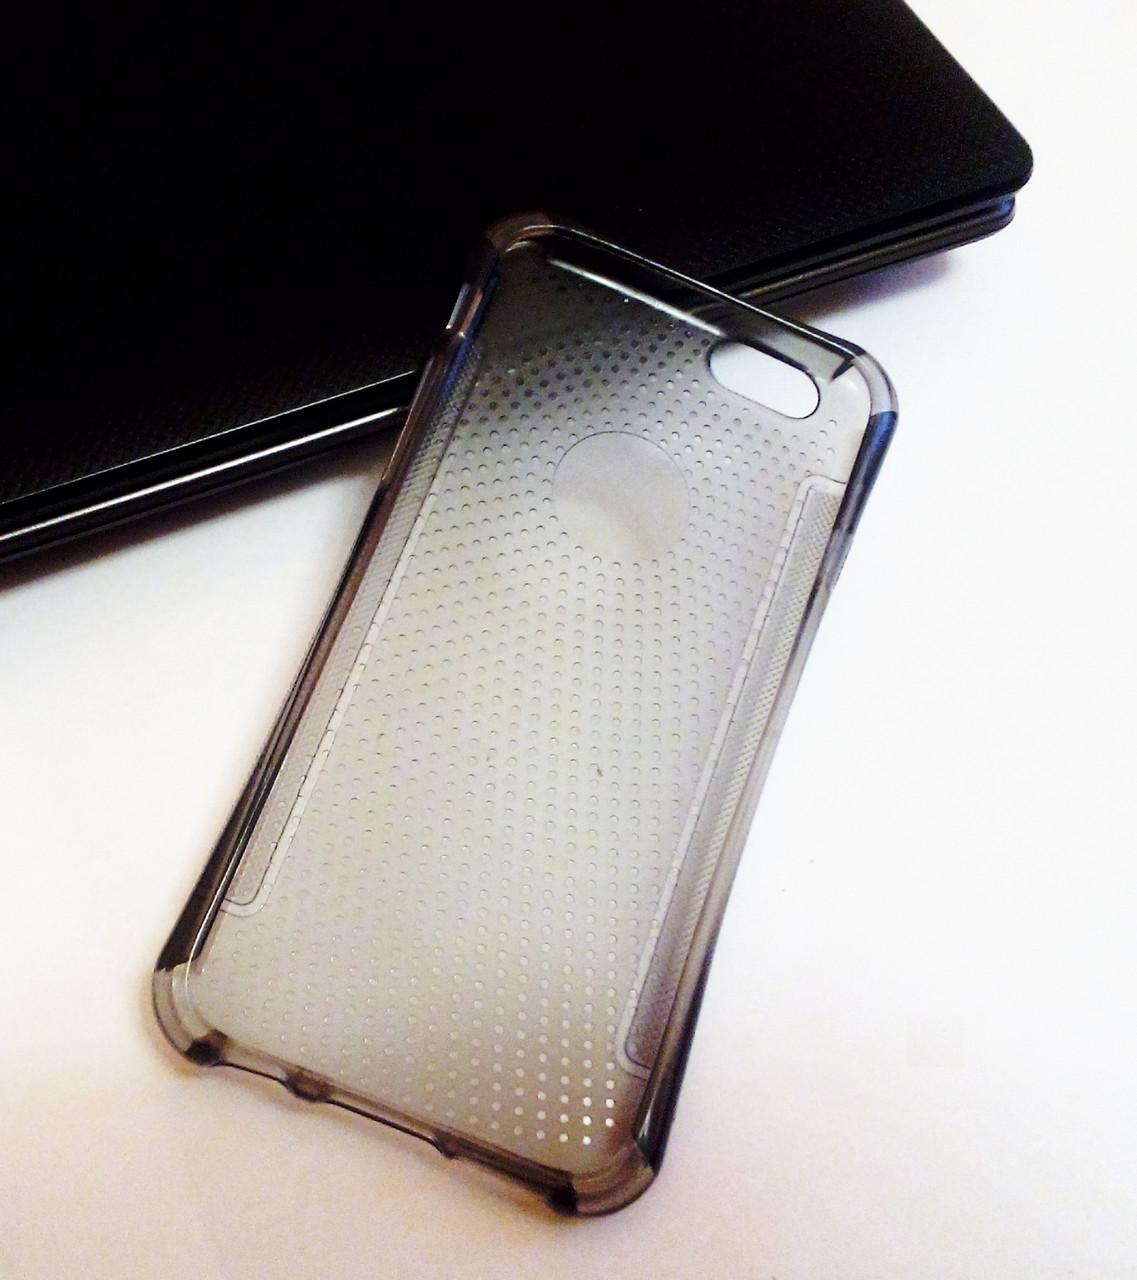 Силиконовый чехол (силиконовая накладка, бампер) TPU c защитными углами на IPhone 6/6s Black